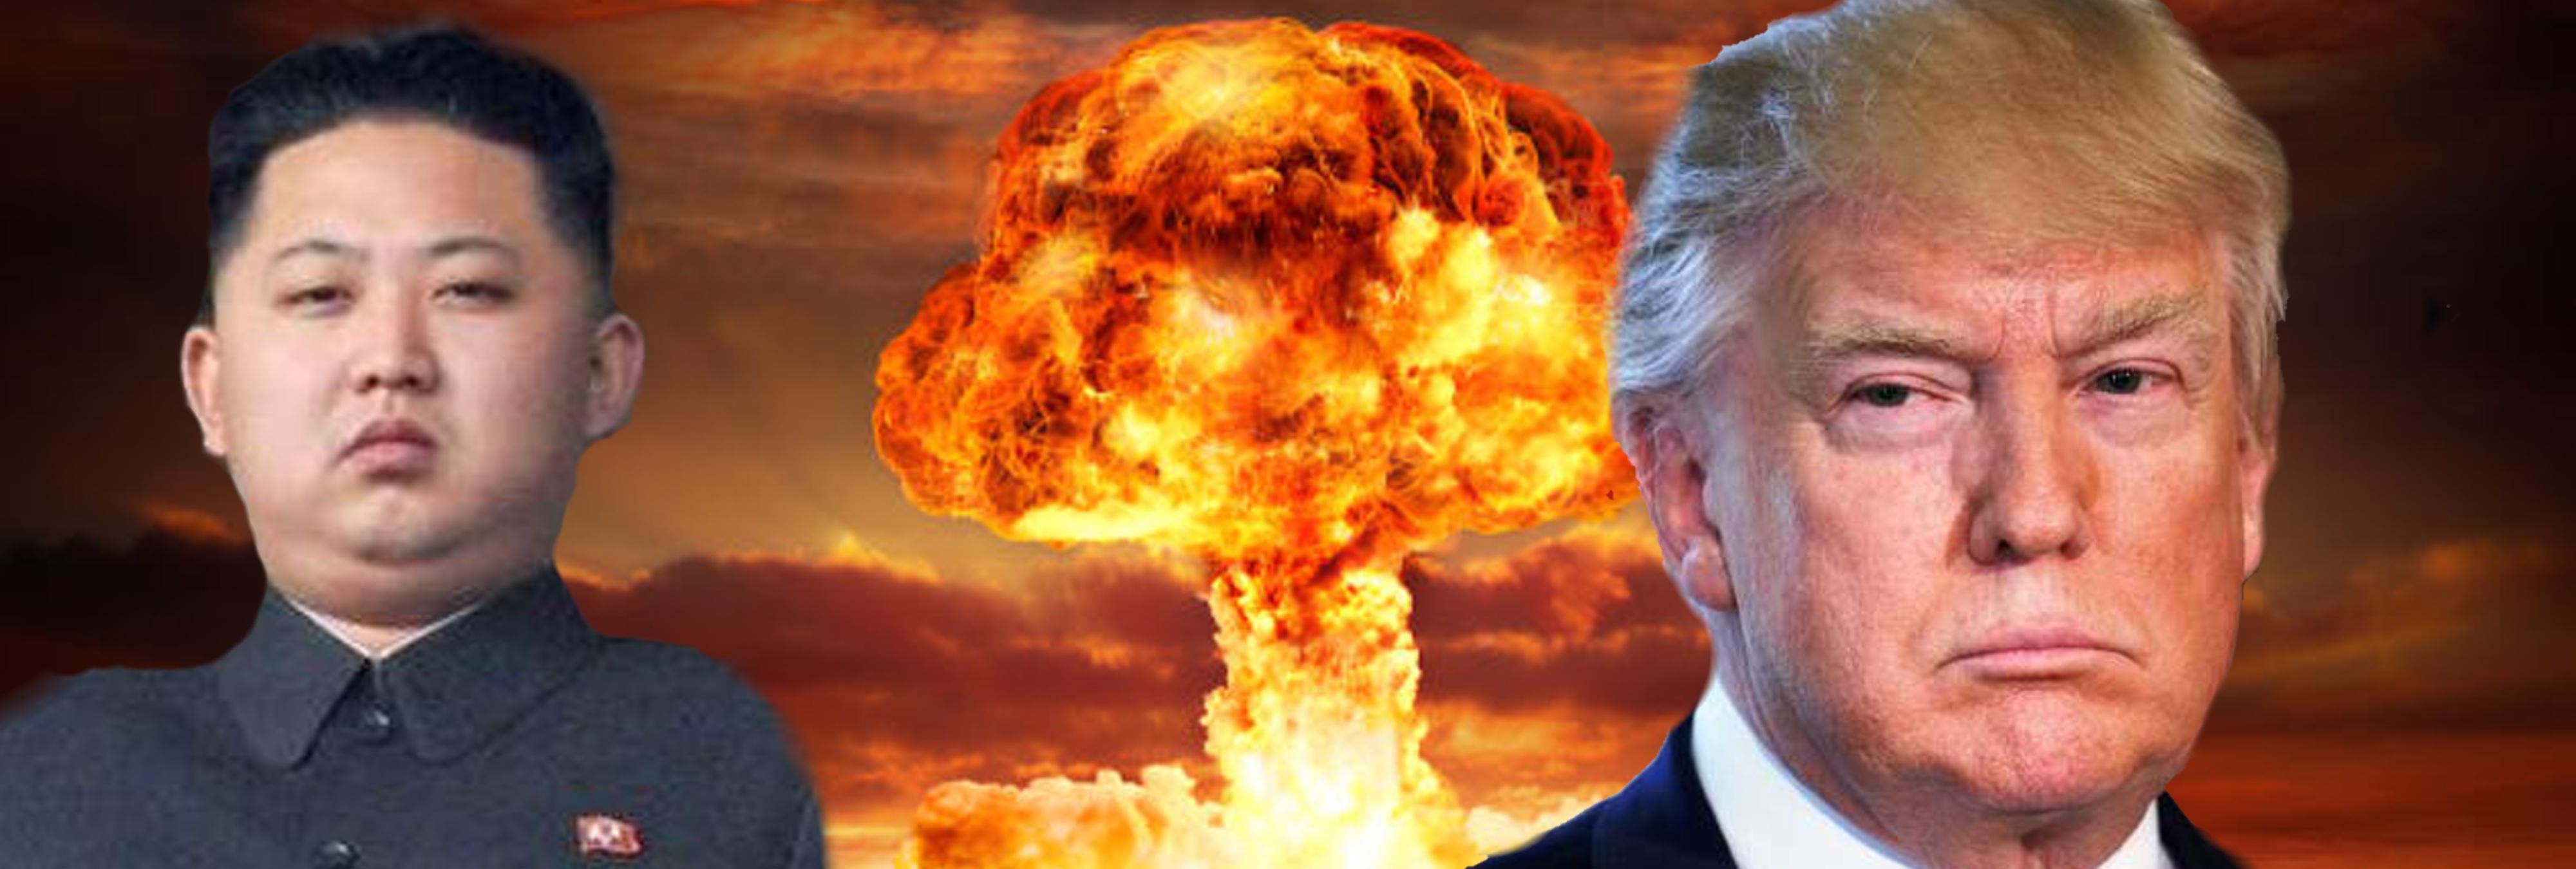 """Trump amenaza a Corea del Norte con """"un fuego y una furia nunca vistos en el mundo"""""""